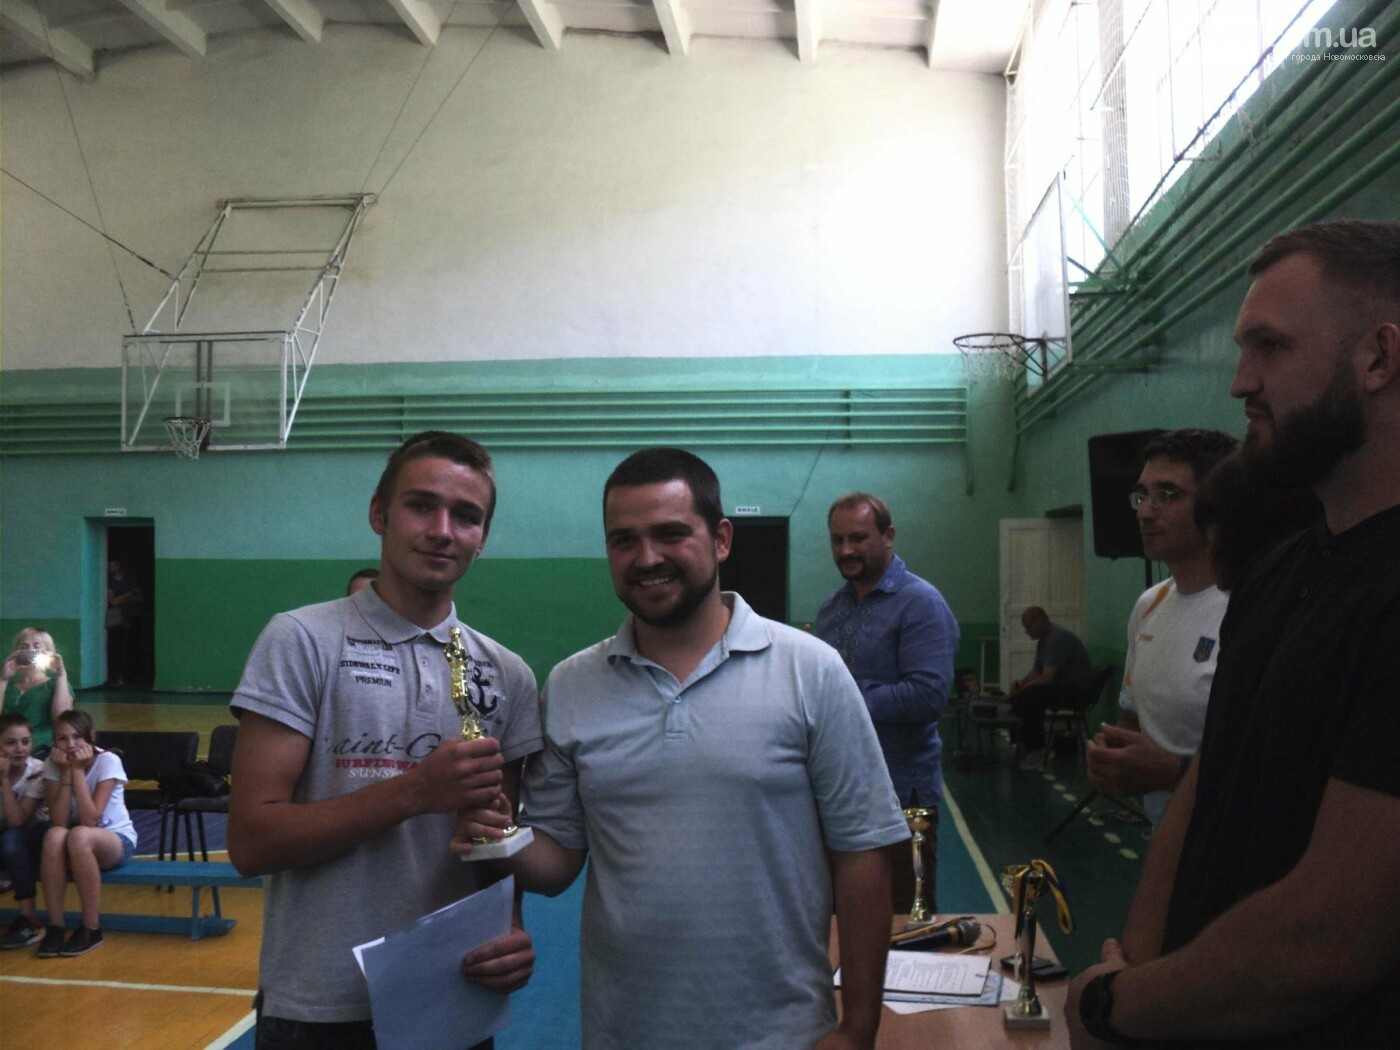 Баскетболістів Новомосковська привітали с перемогою на чемпіонаті України , фото-4